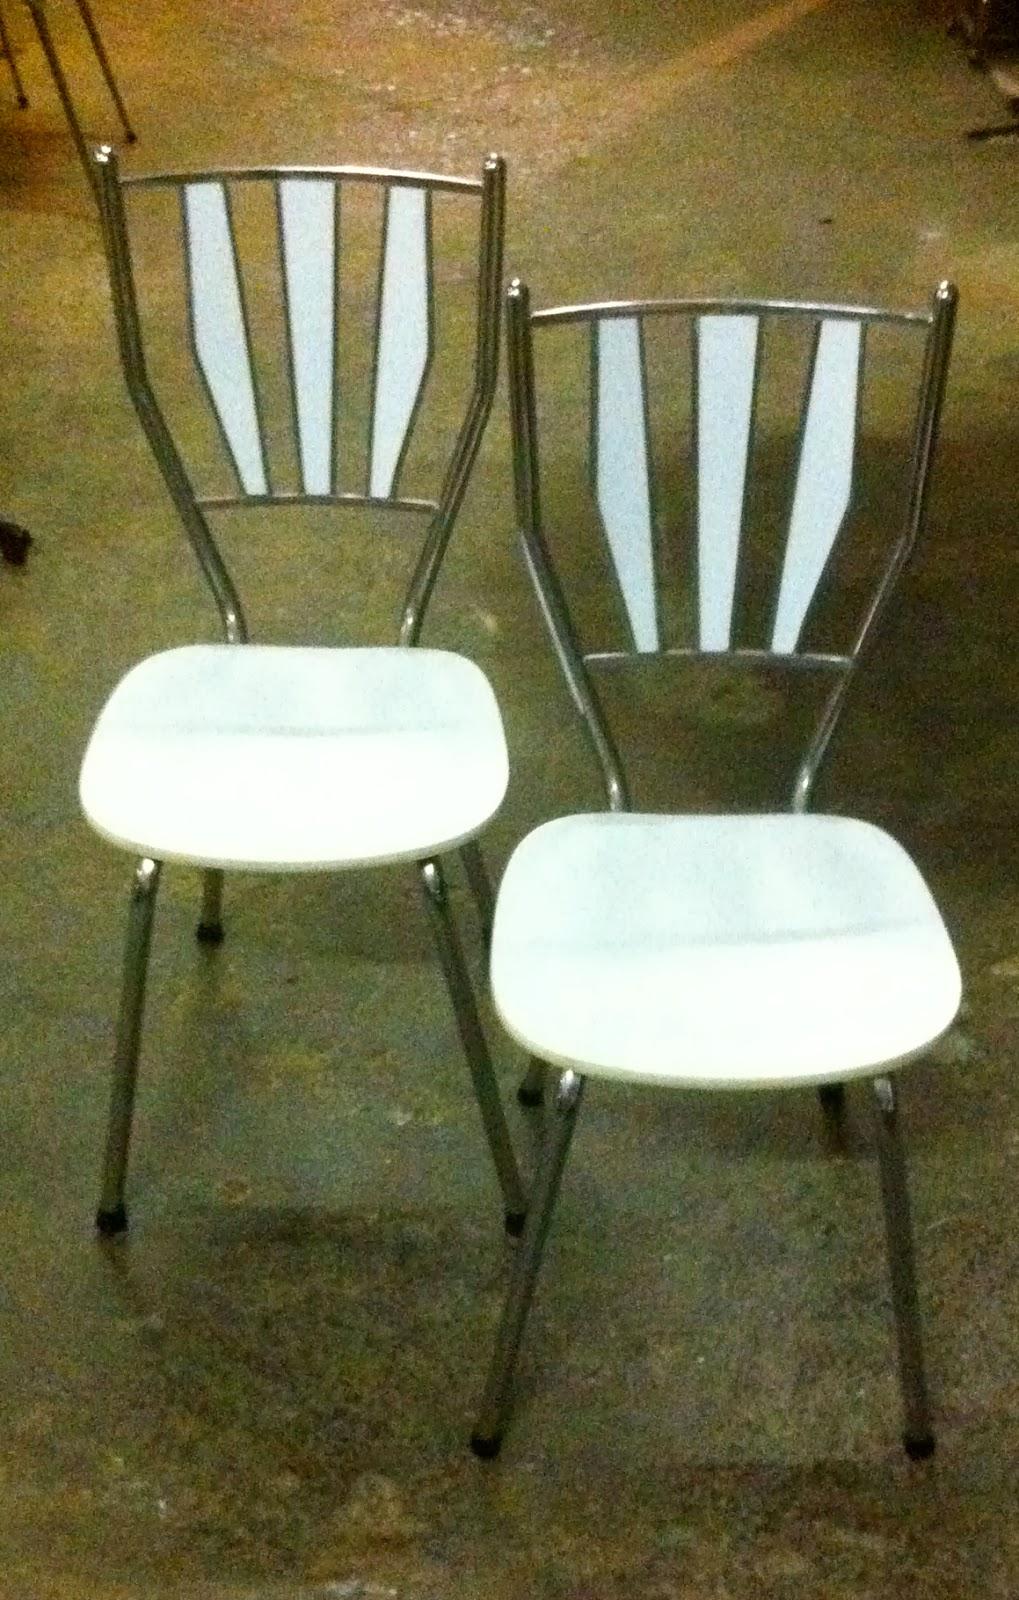 Encantsvintage pareja sillas cocina f rmica blanca for Sillas cocina blancas